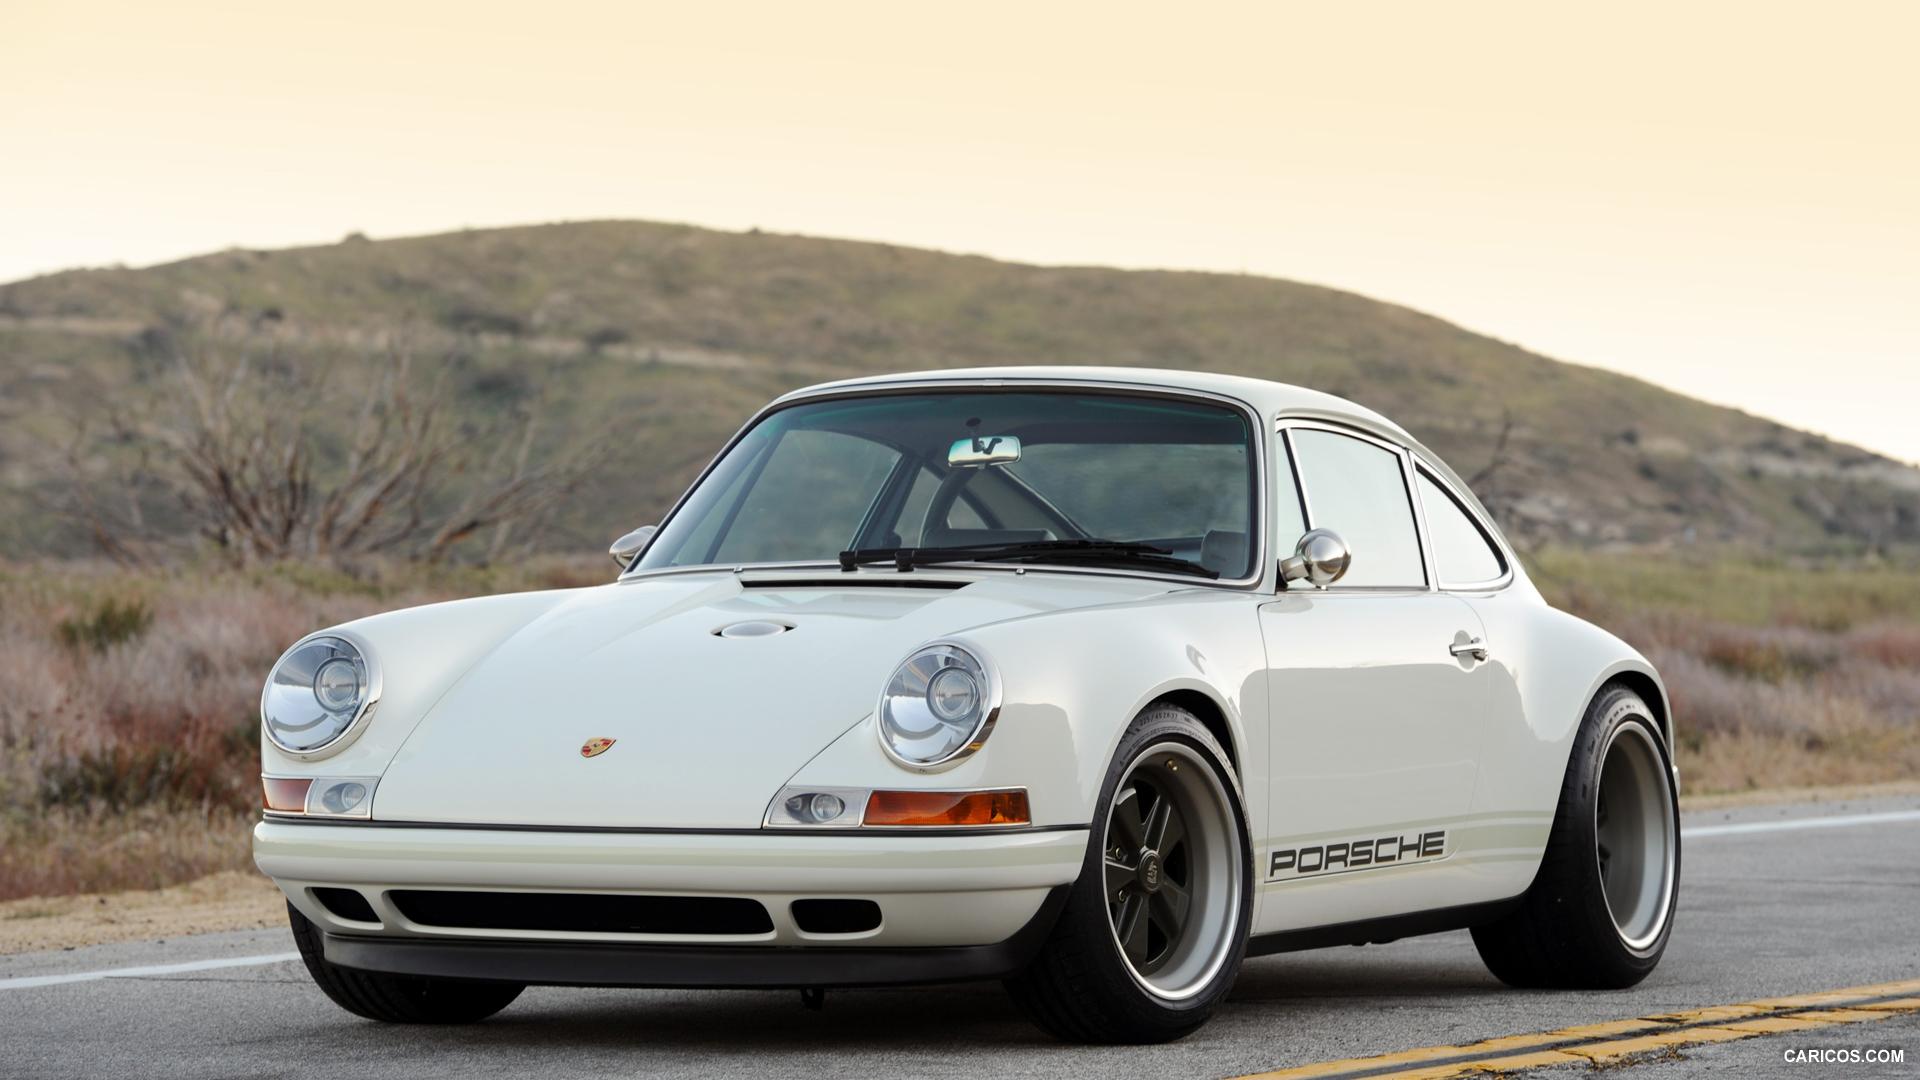 Singer Porsche 911  HD Wallpaper